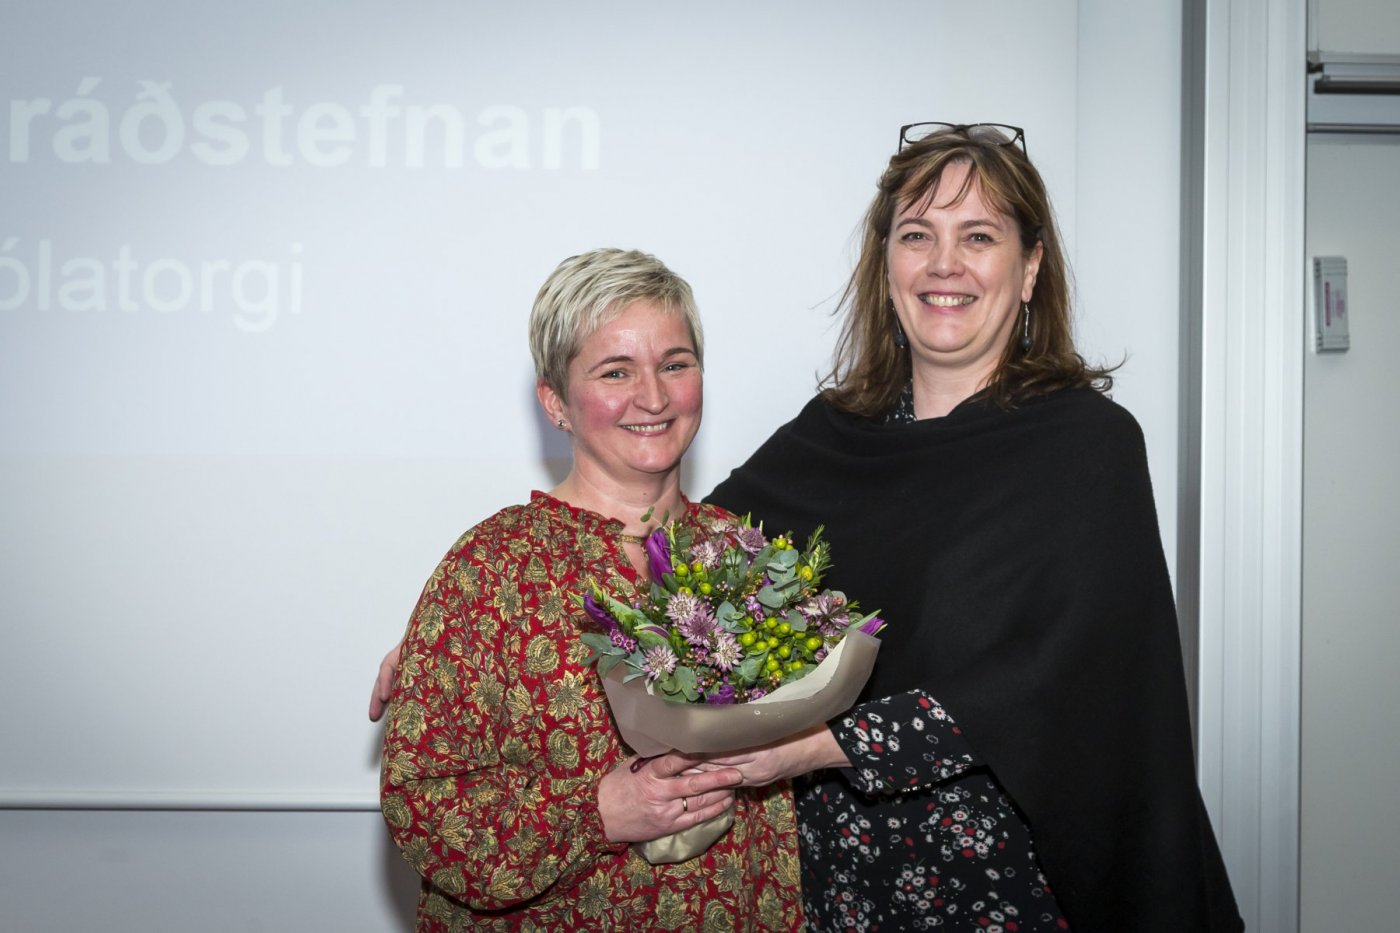 Priyanka Sahariah, nýdoktor við Lyfjafræðideild og Kristín Ólafsdóttir, dósent við Læknadeild.